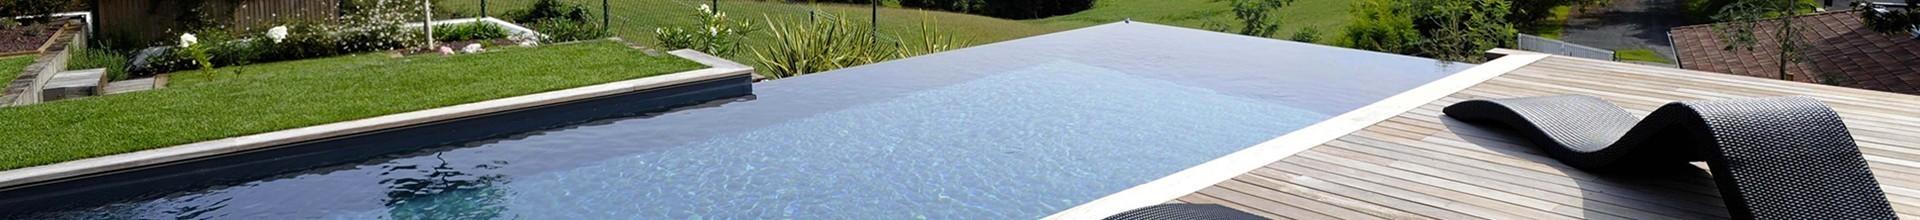 Direct usine, piscine coque prix Corse